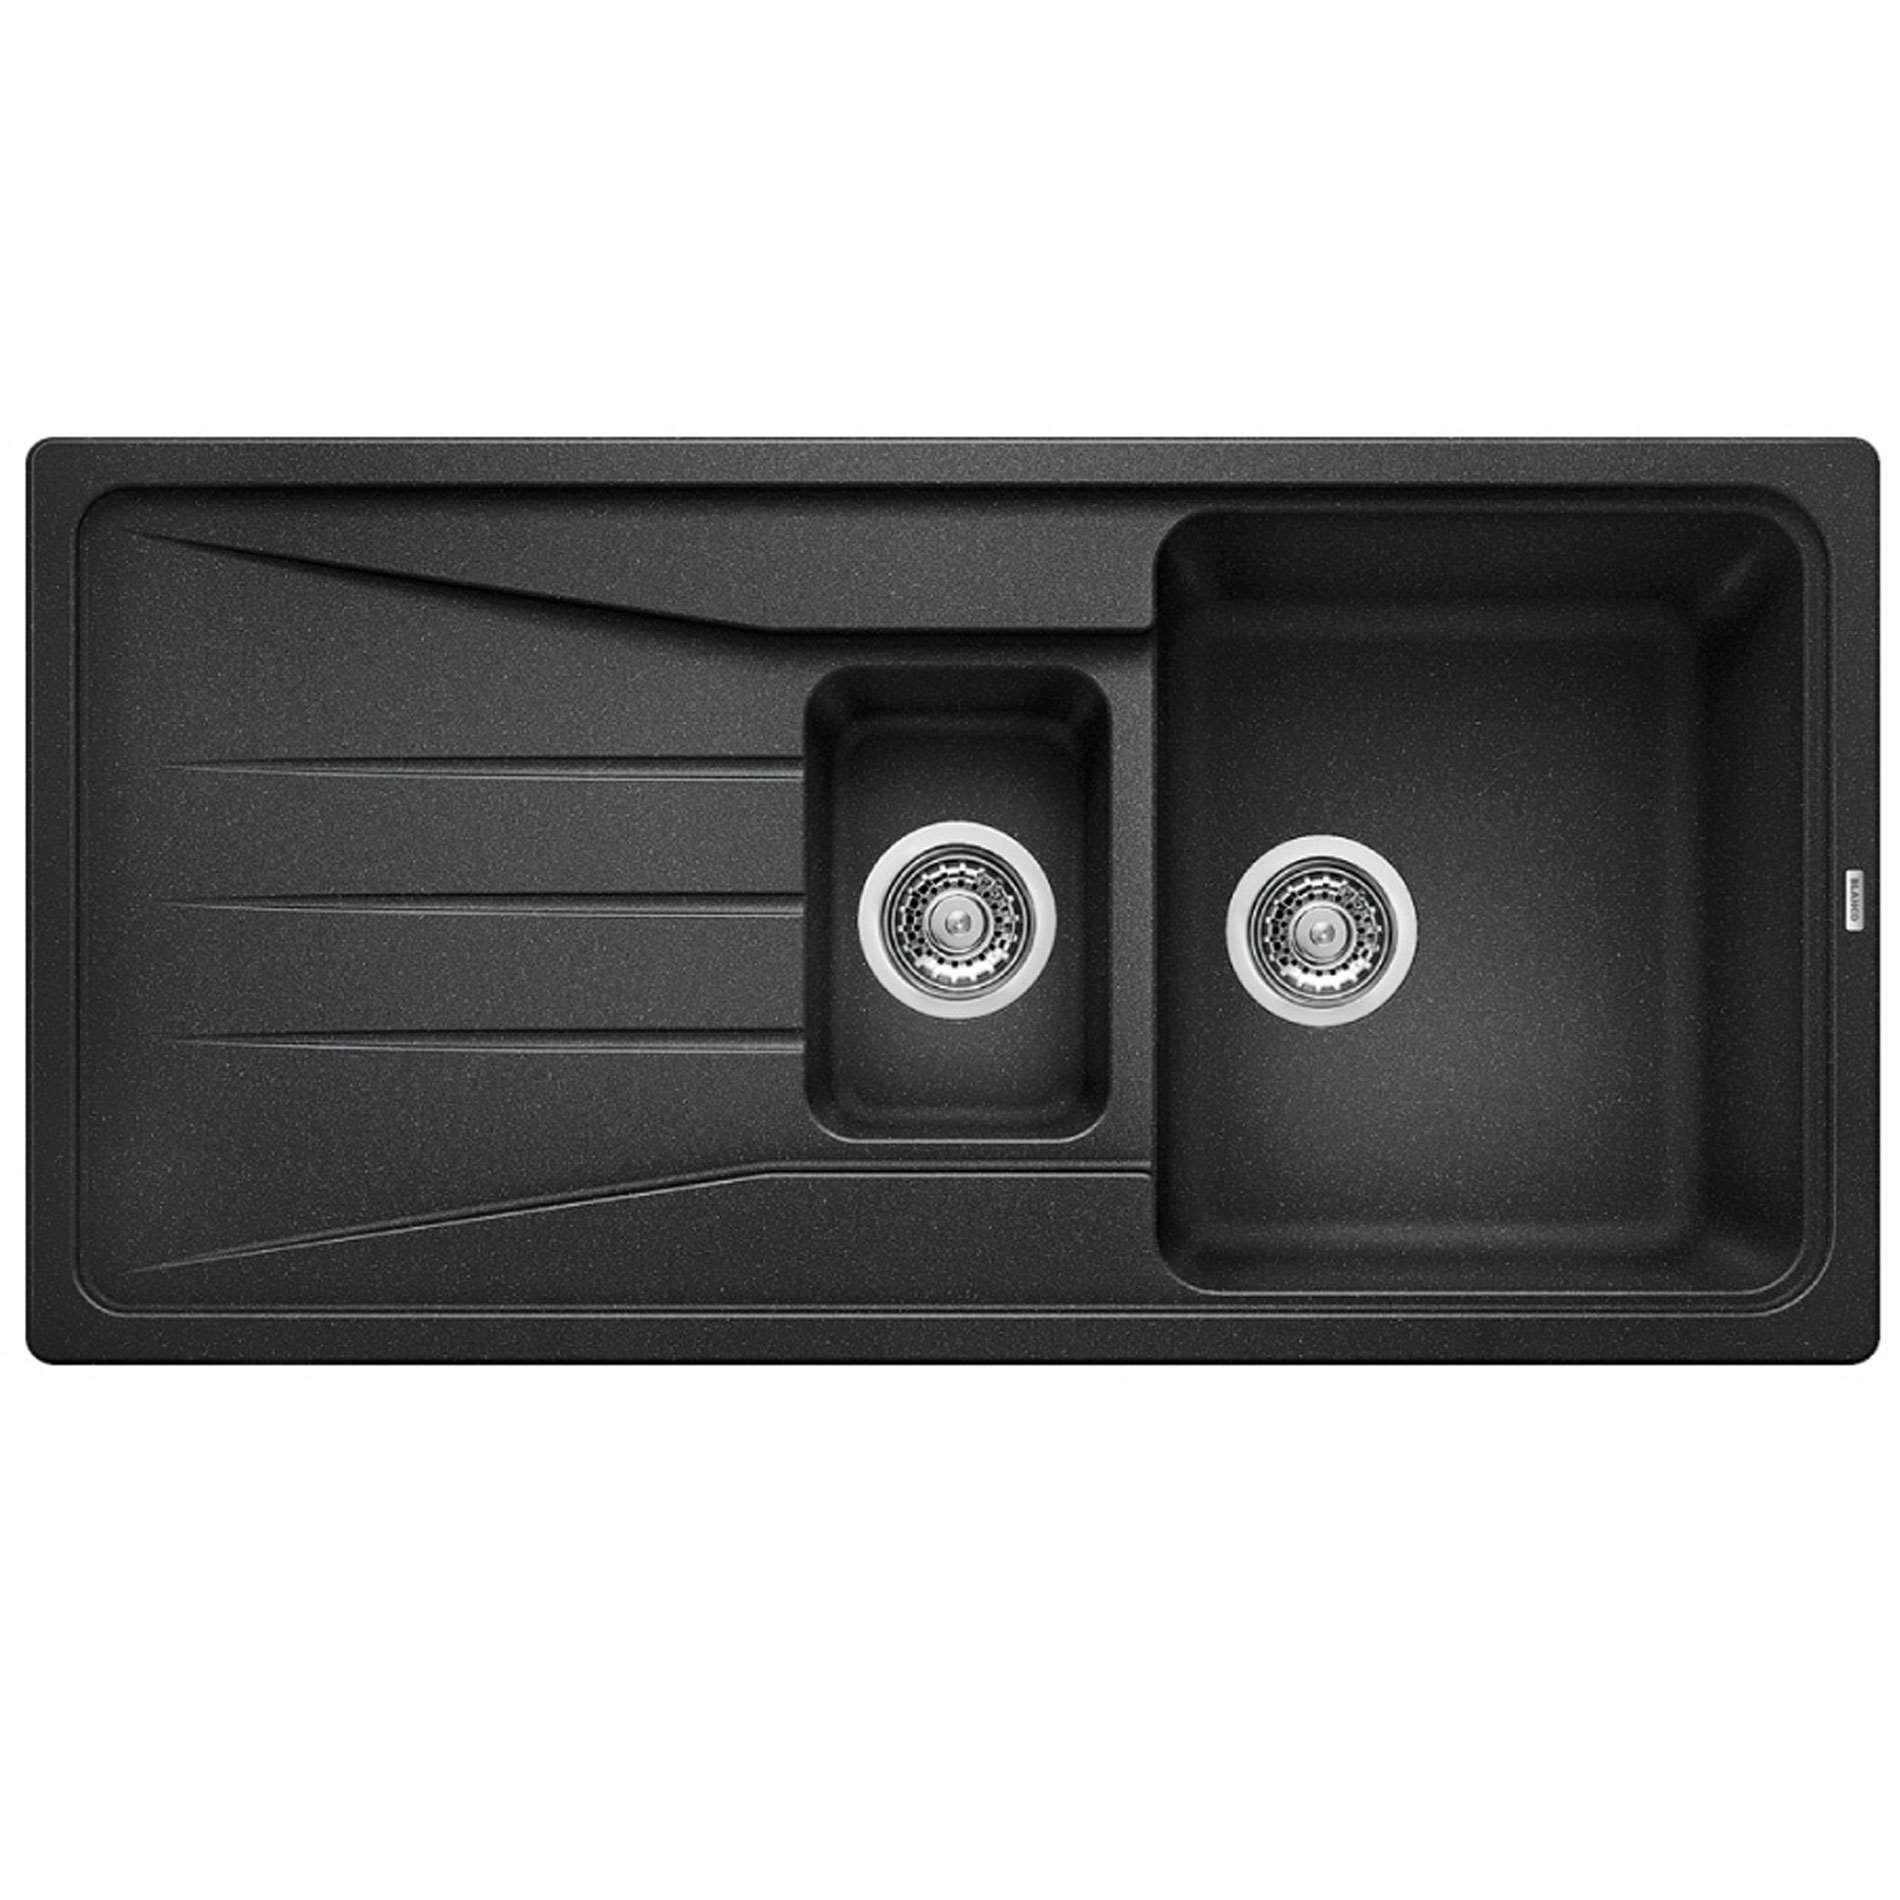 Blanco Sona 6 S Anthracite Silgranit Sink Kitchen Sinks